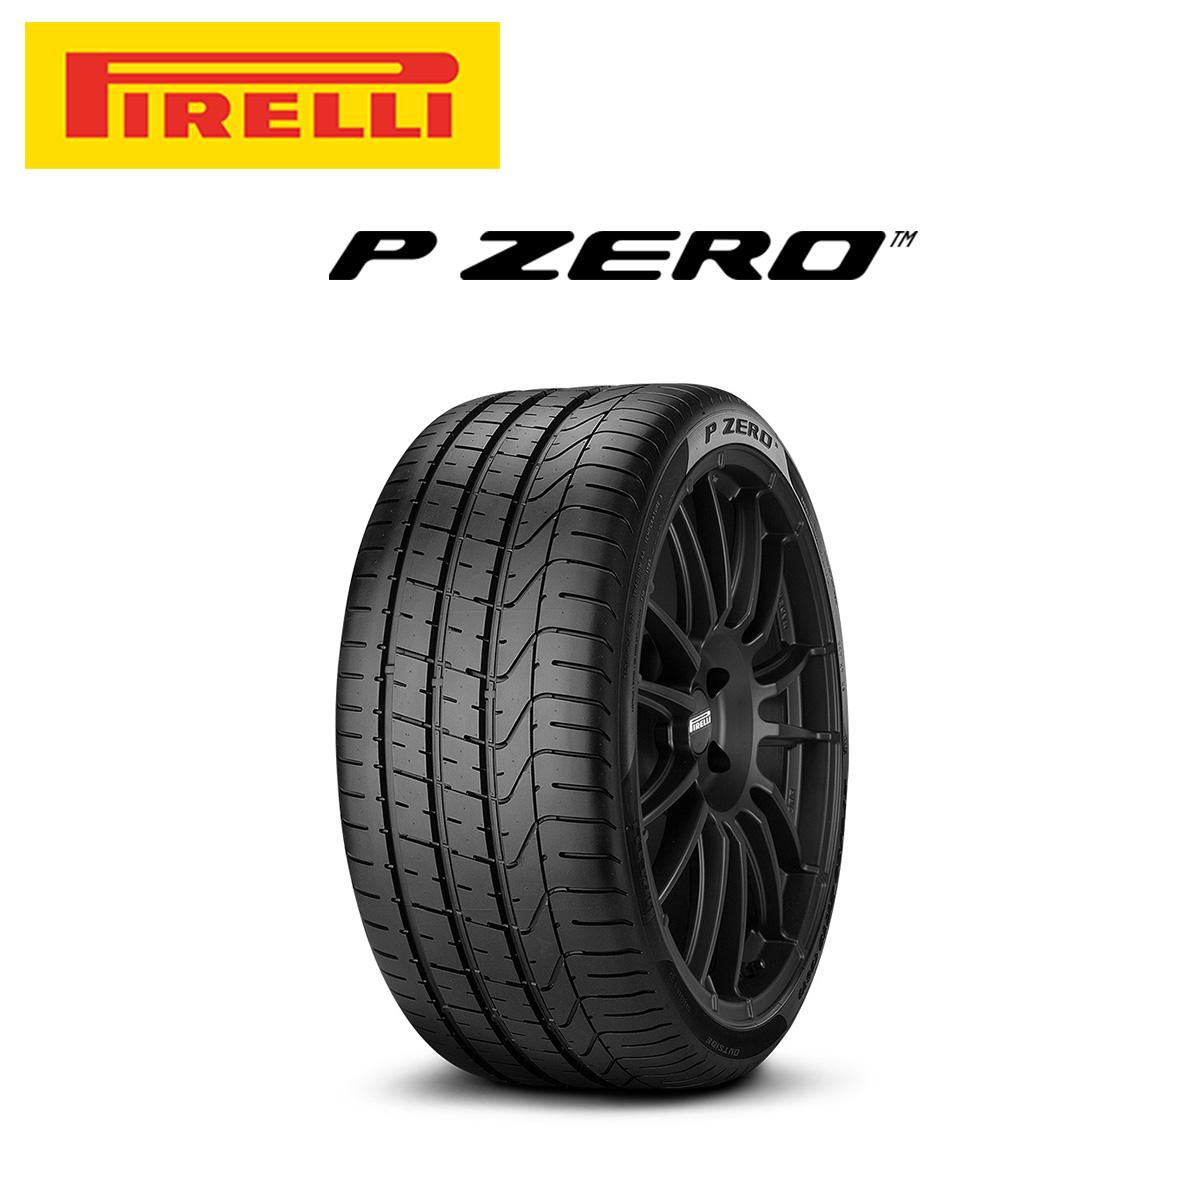 ピレリ PIRELLI P ZERO ピーゼロ 19インチ サマー タイヤ 1本 235/50R19 99W MO:メルセデスベンツ承認タイヤ 1767100